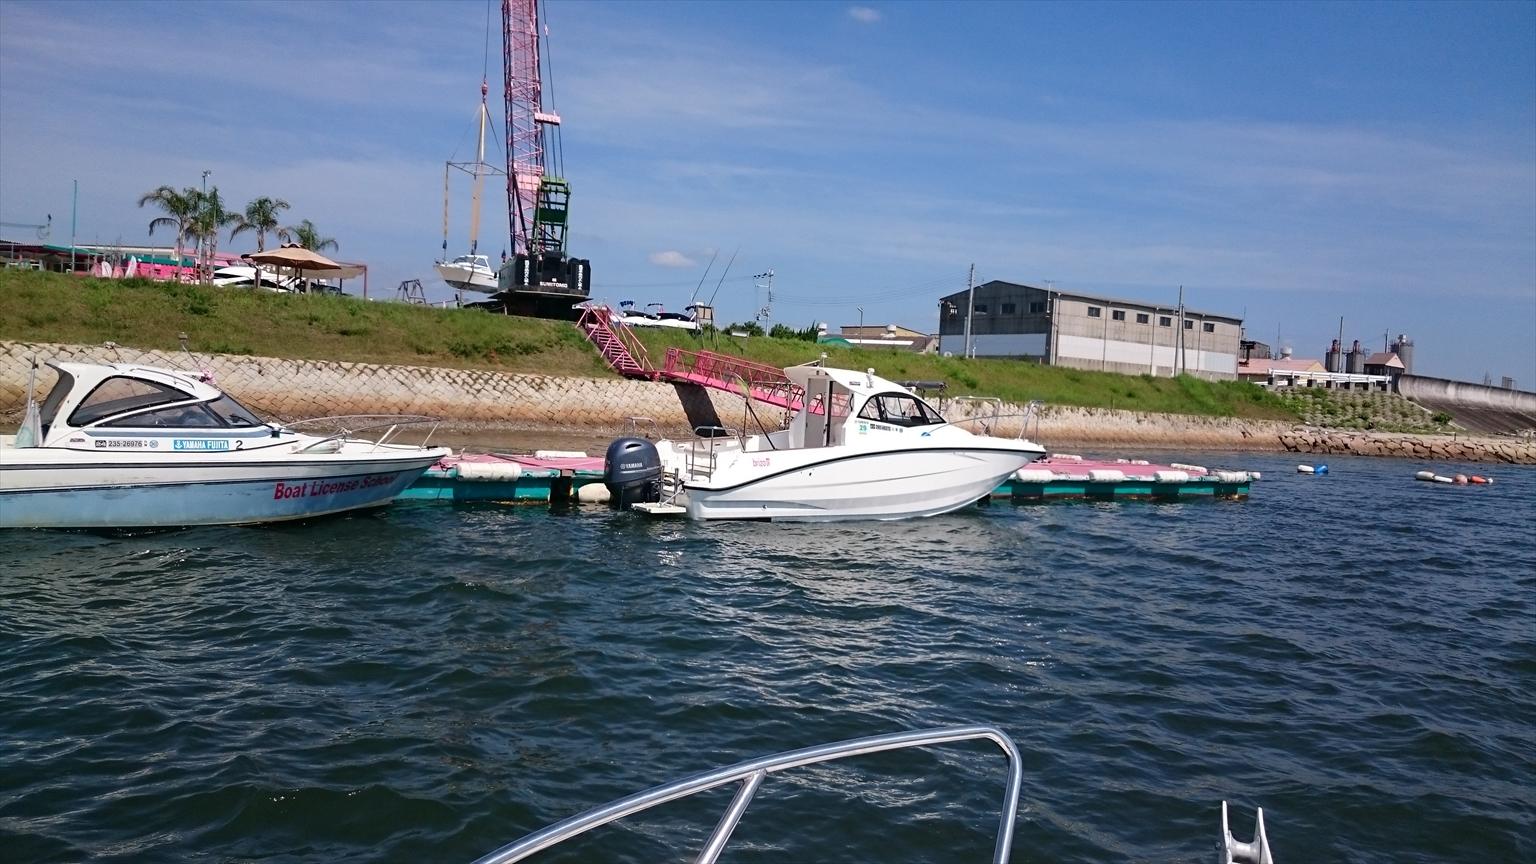 しばしマリーナとお別れ。左側が試験艇、中央はレンタル艇です